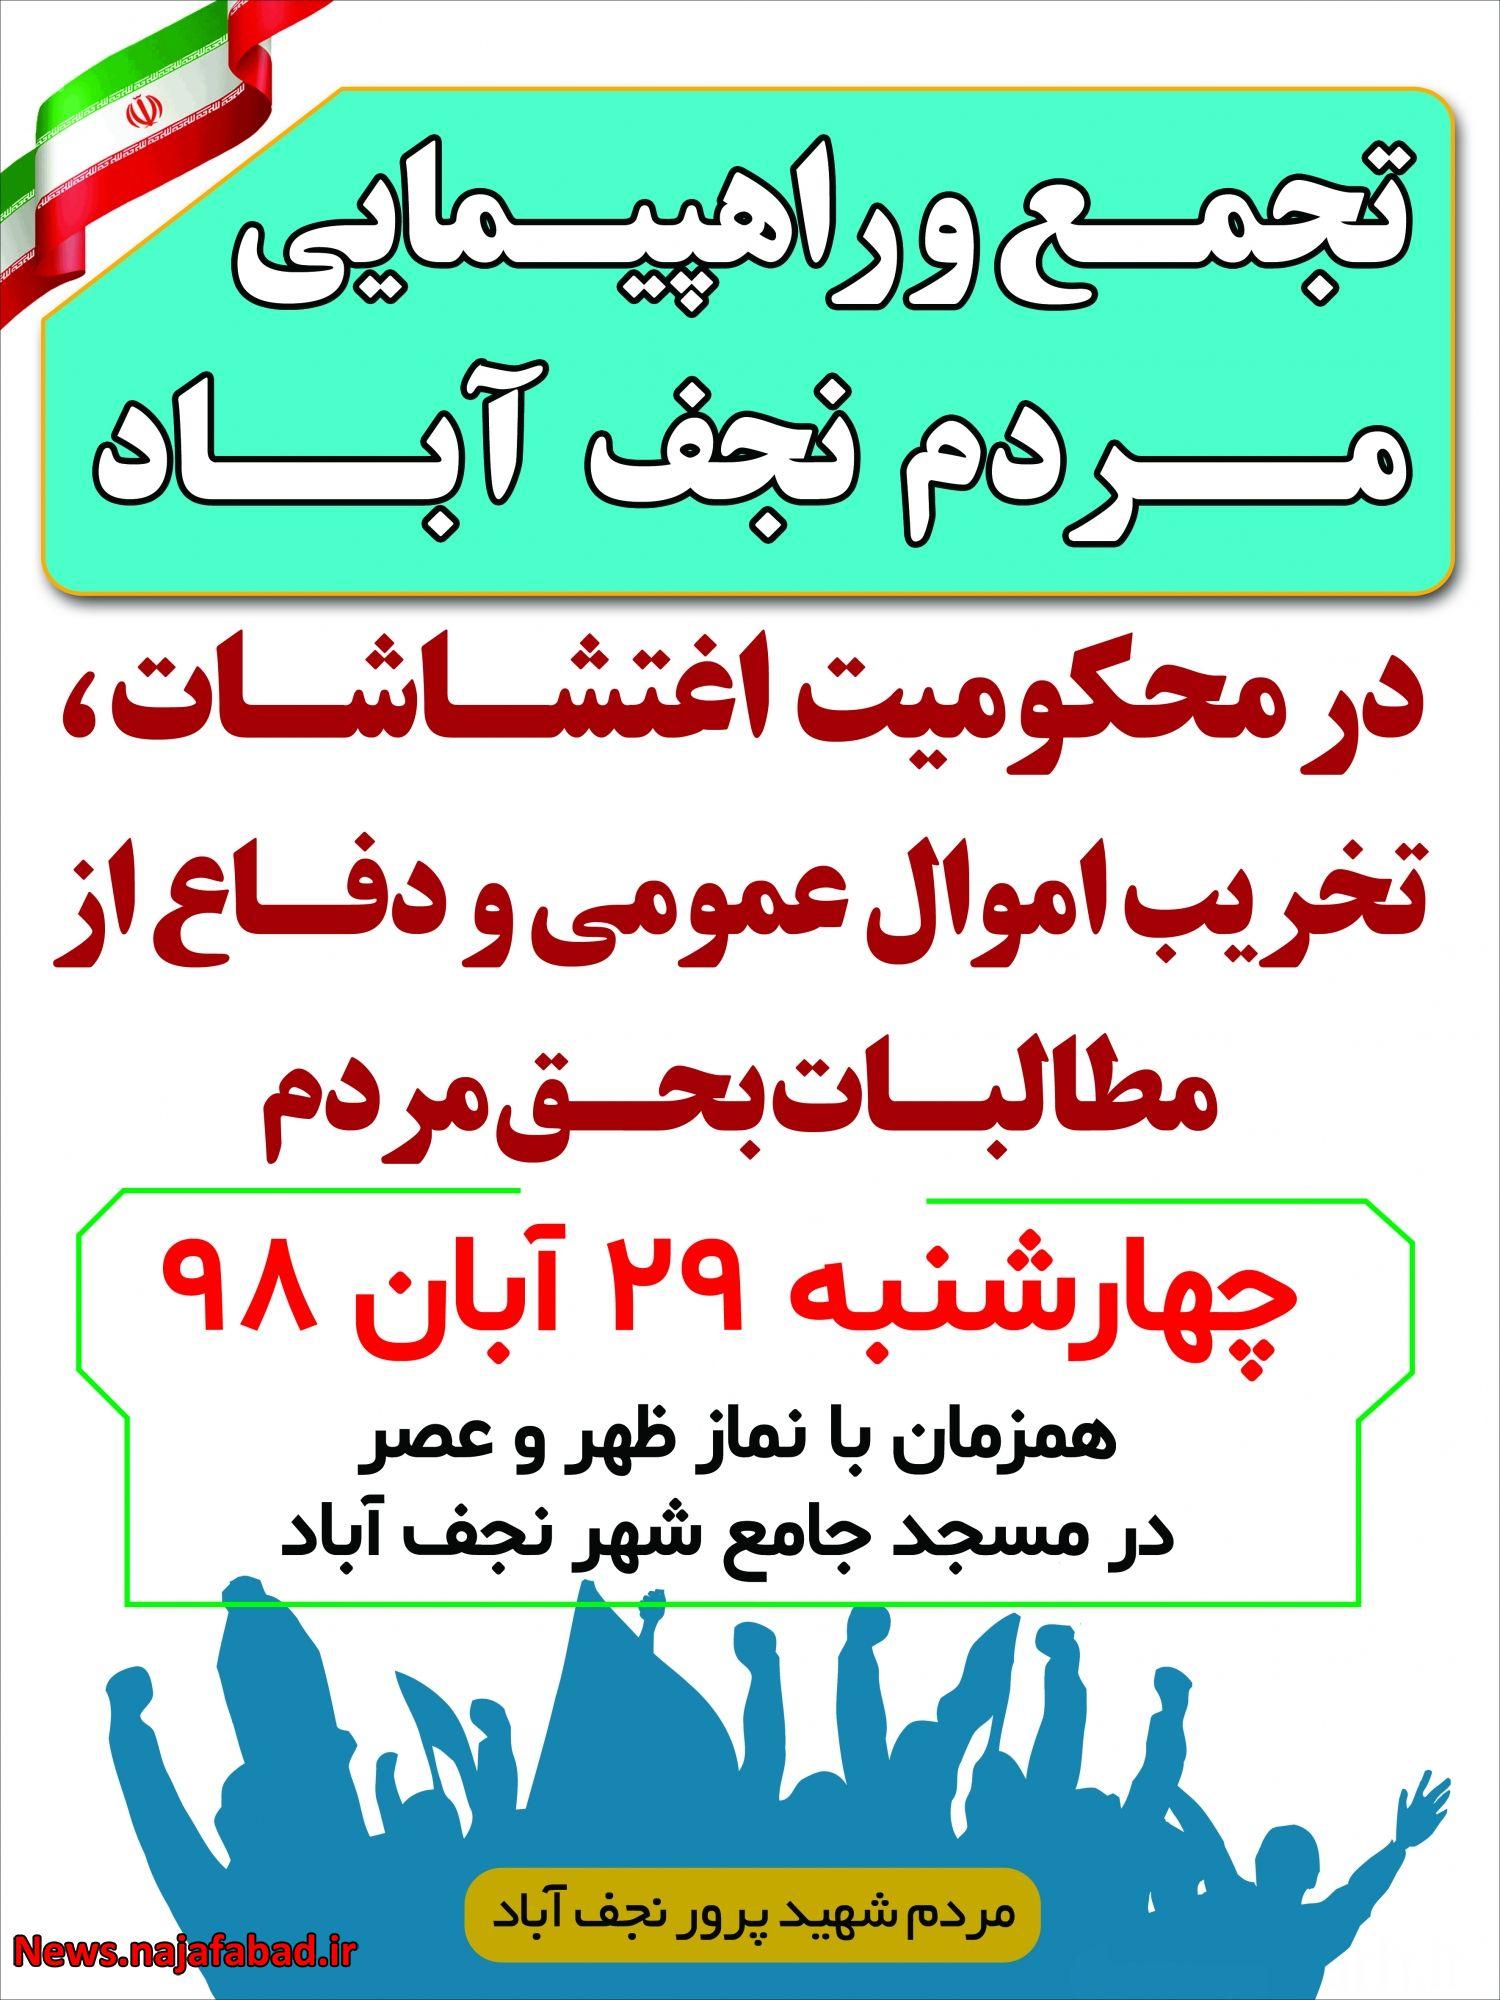 راهپیمایی مردم نجف آباد در محکومیت اغتشاش های اخیر